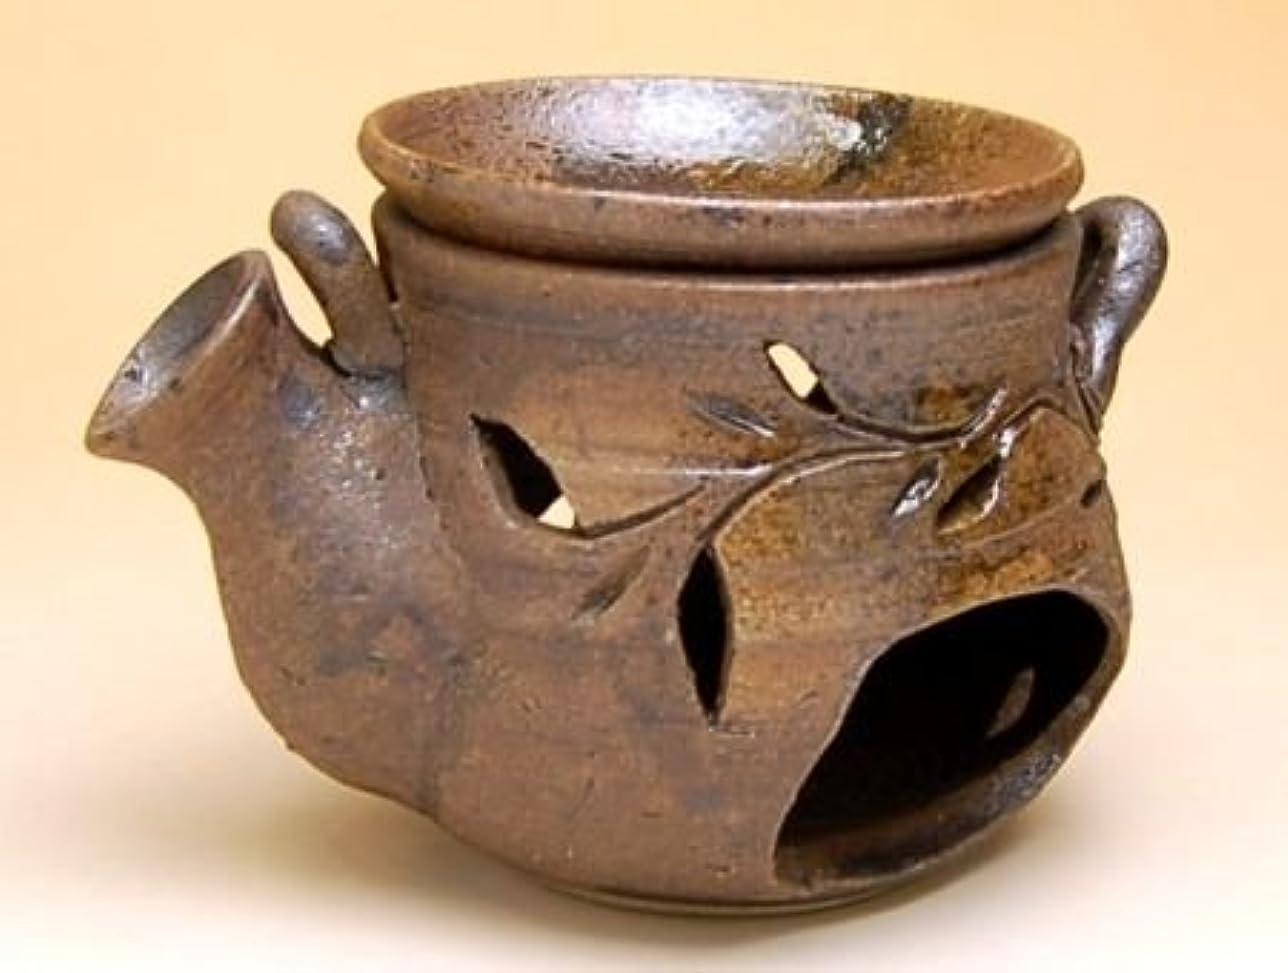 夫婦ウッズヒゲ有田焼 土瓶型 茶香炉【サイズ】径14cm×9.2cm×高さ9cm